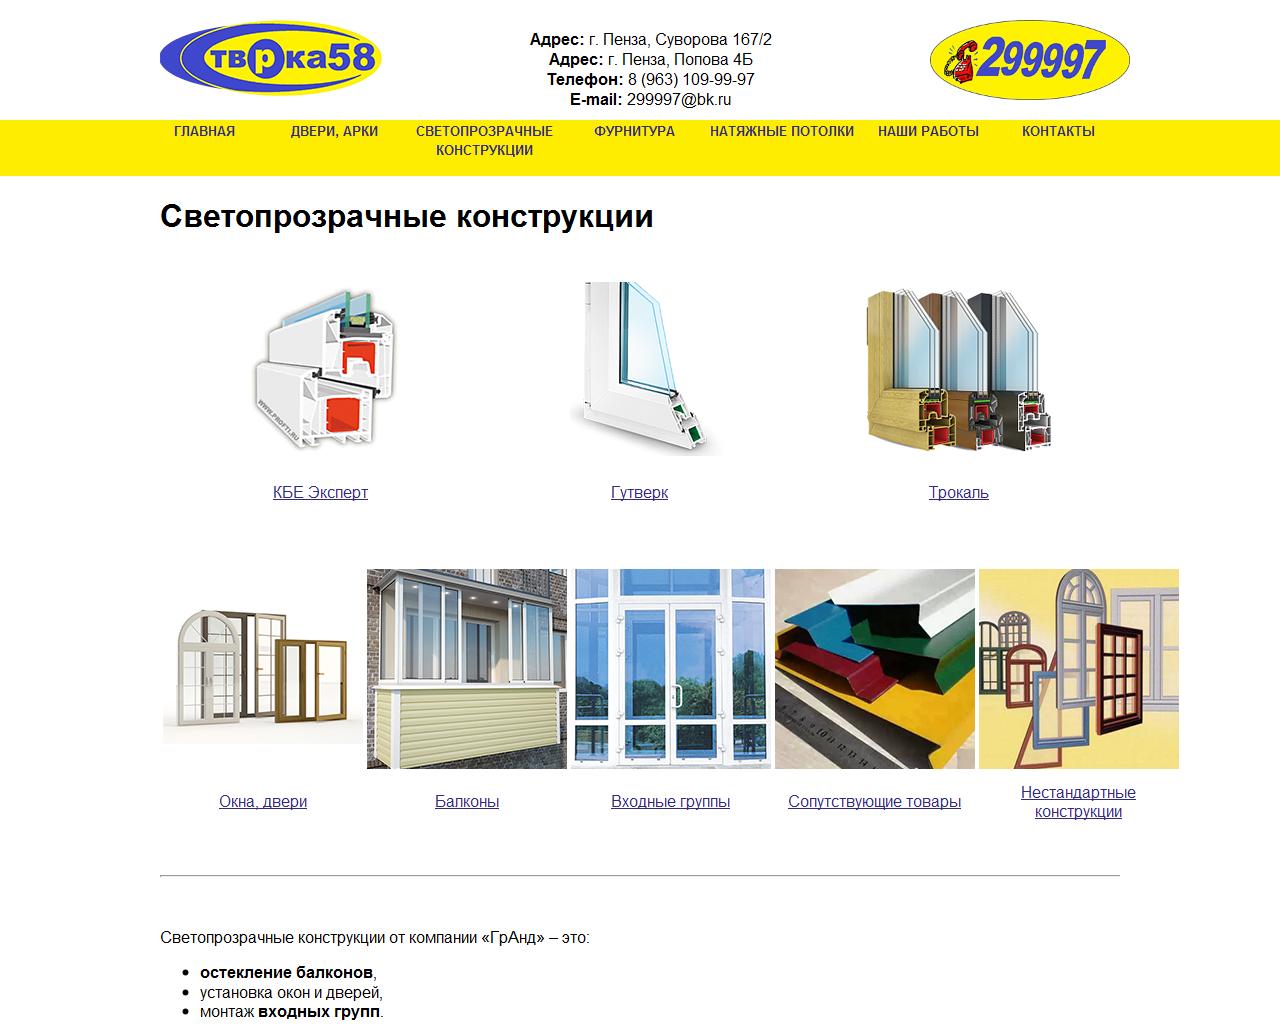 Компания «Створка58» Пенза